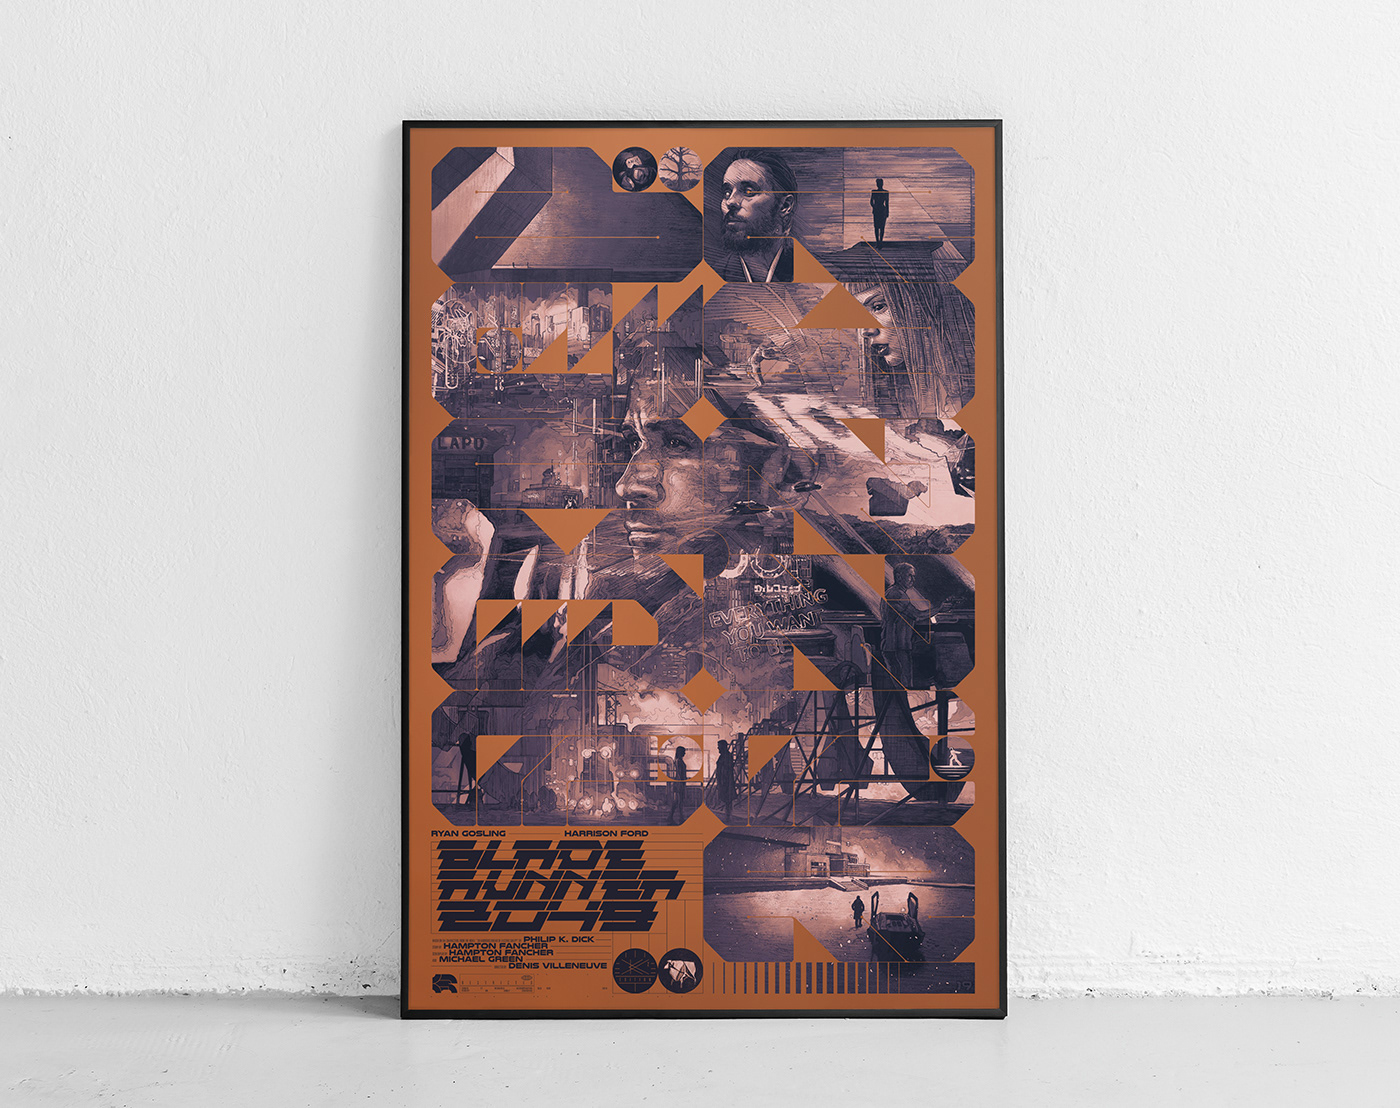 poster poster art Poster Design blade runner 2049 silk screen Private commission pen drawing movie poster Krzysztof Domaradzki StudioKxx